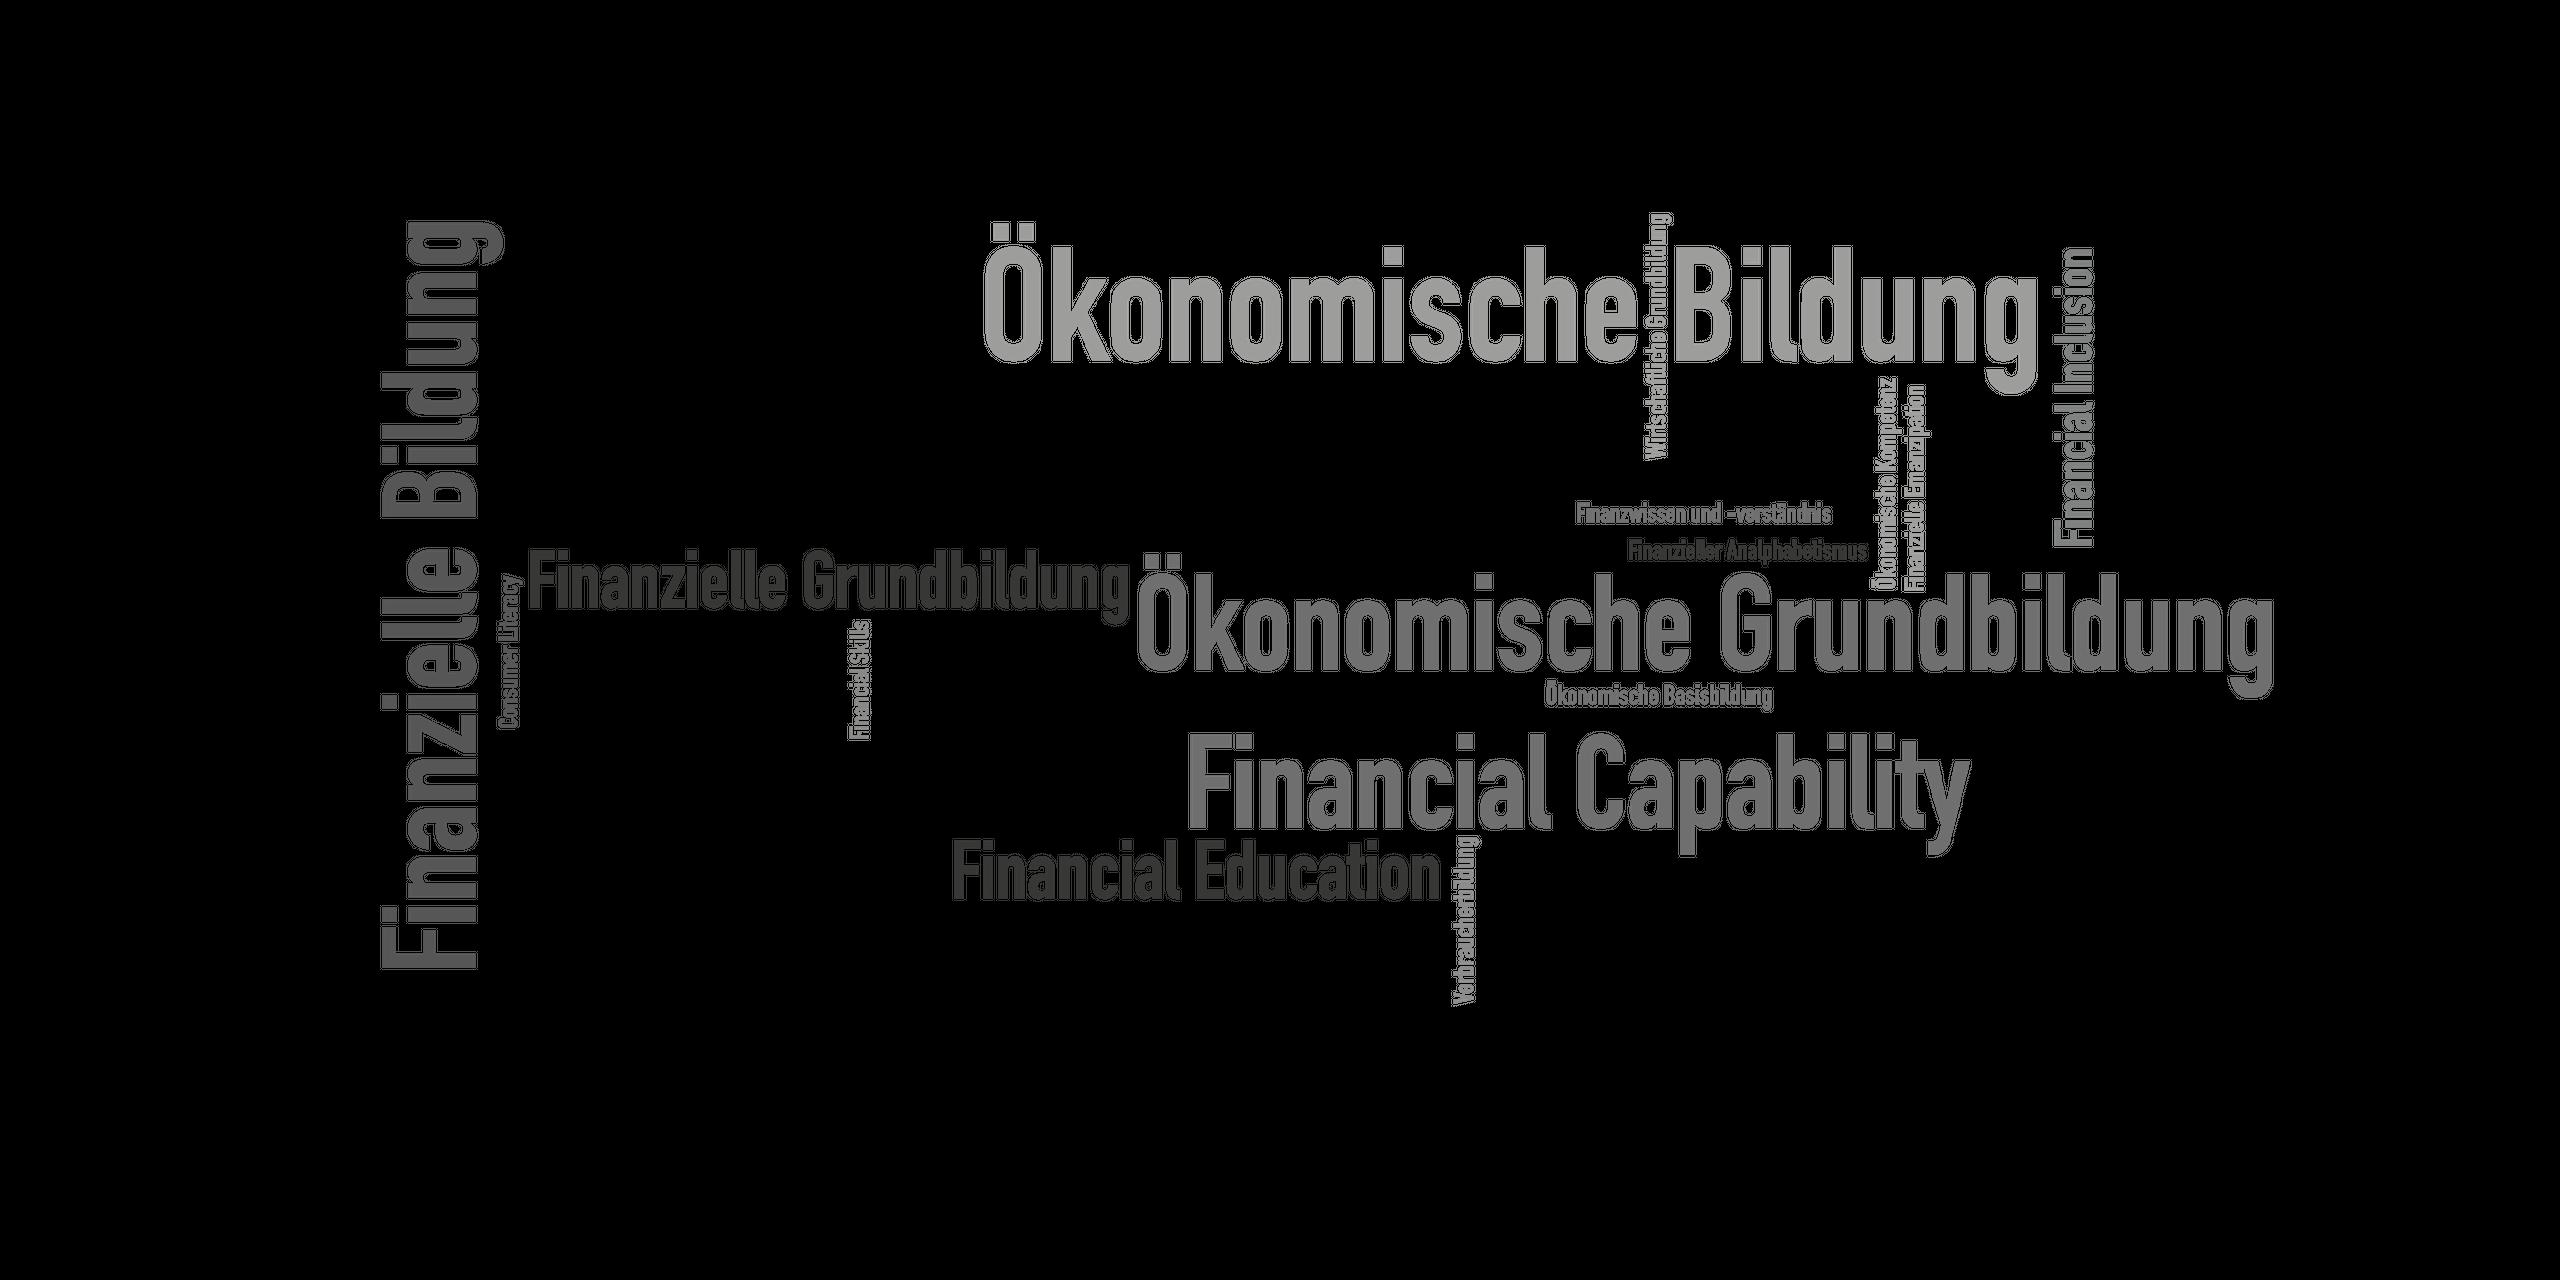 """Eine Wortwolke mit allen Synonymen zu dem Begriff """"Finanzielle Grundbildung""""."""